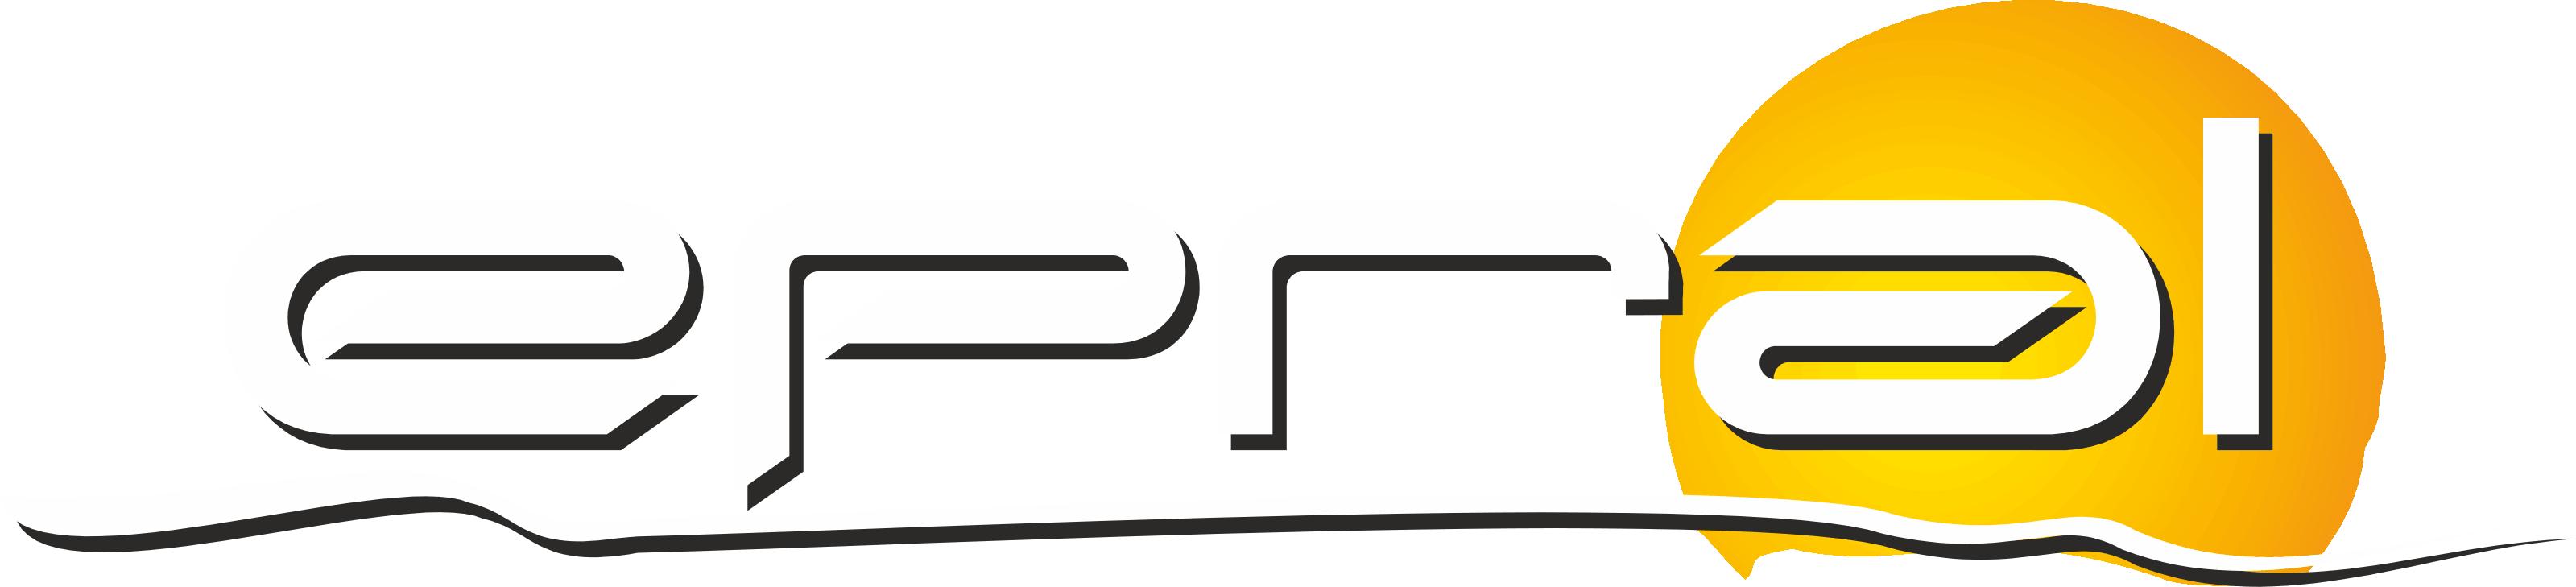 EPRAL